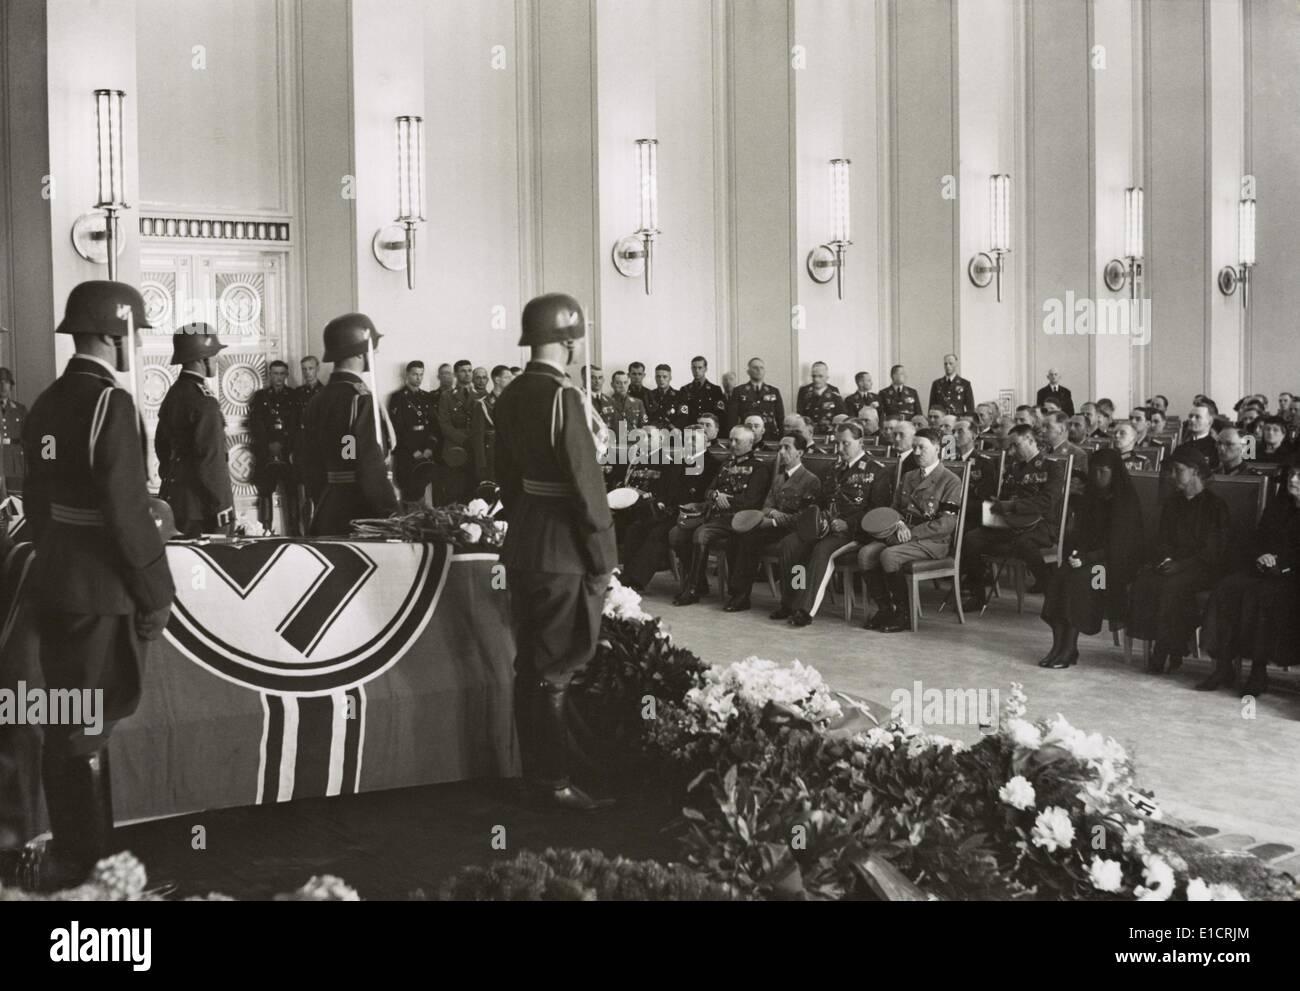 Adolf Hitler Hermann Goering And Joseph Goebbels At A